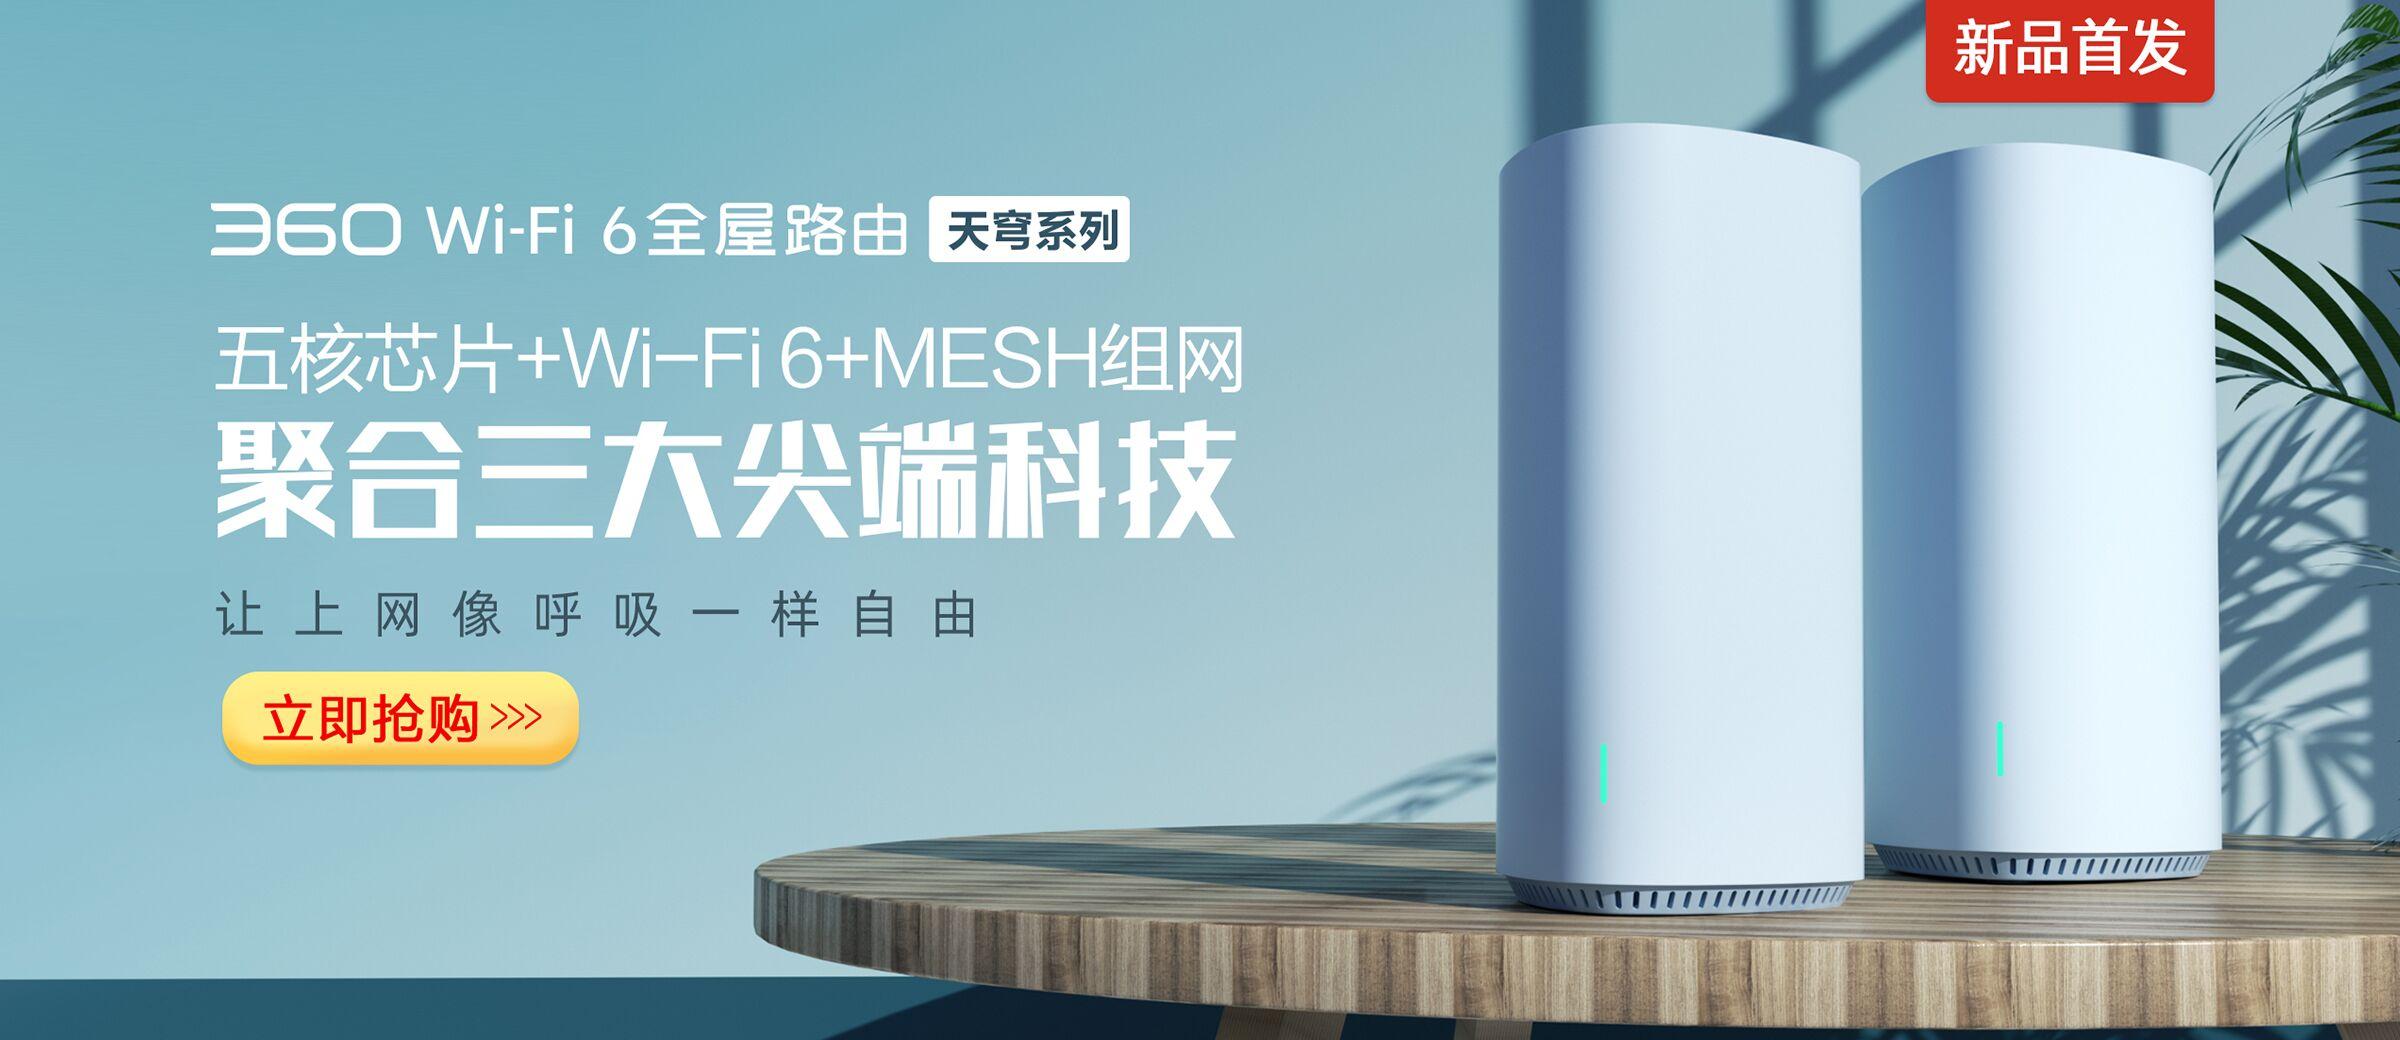 Wi-Fi 6全屋路由